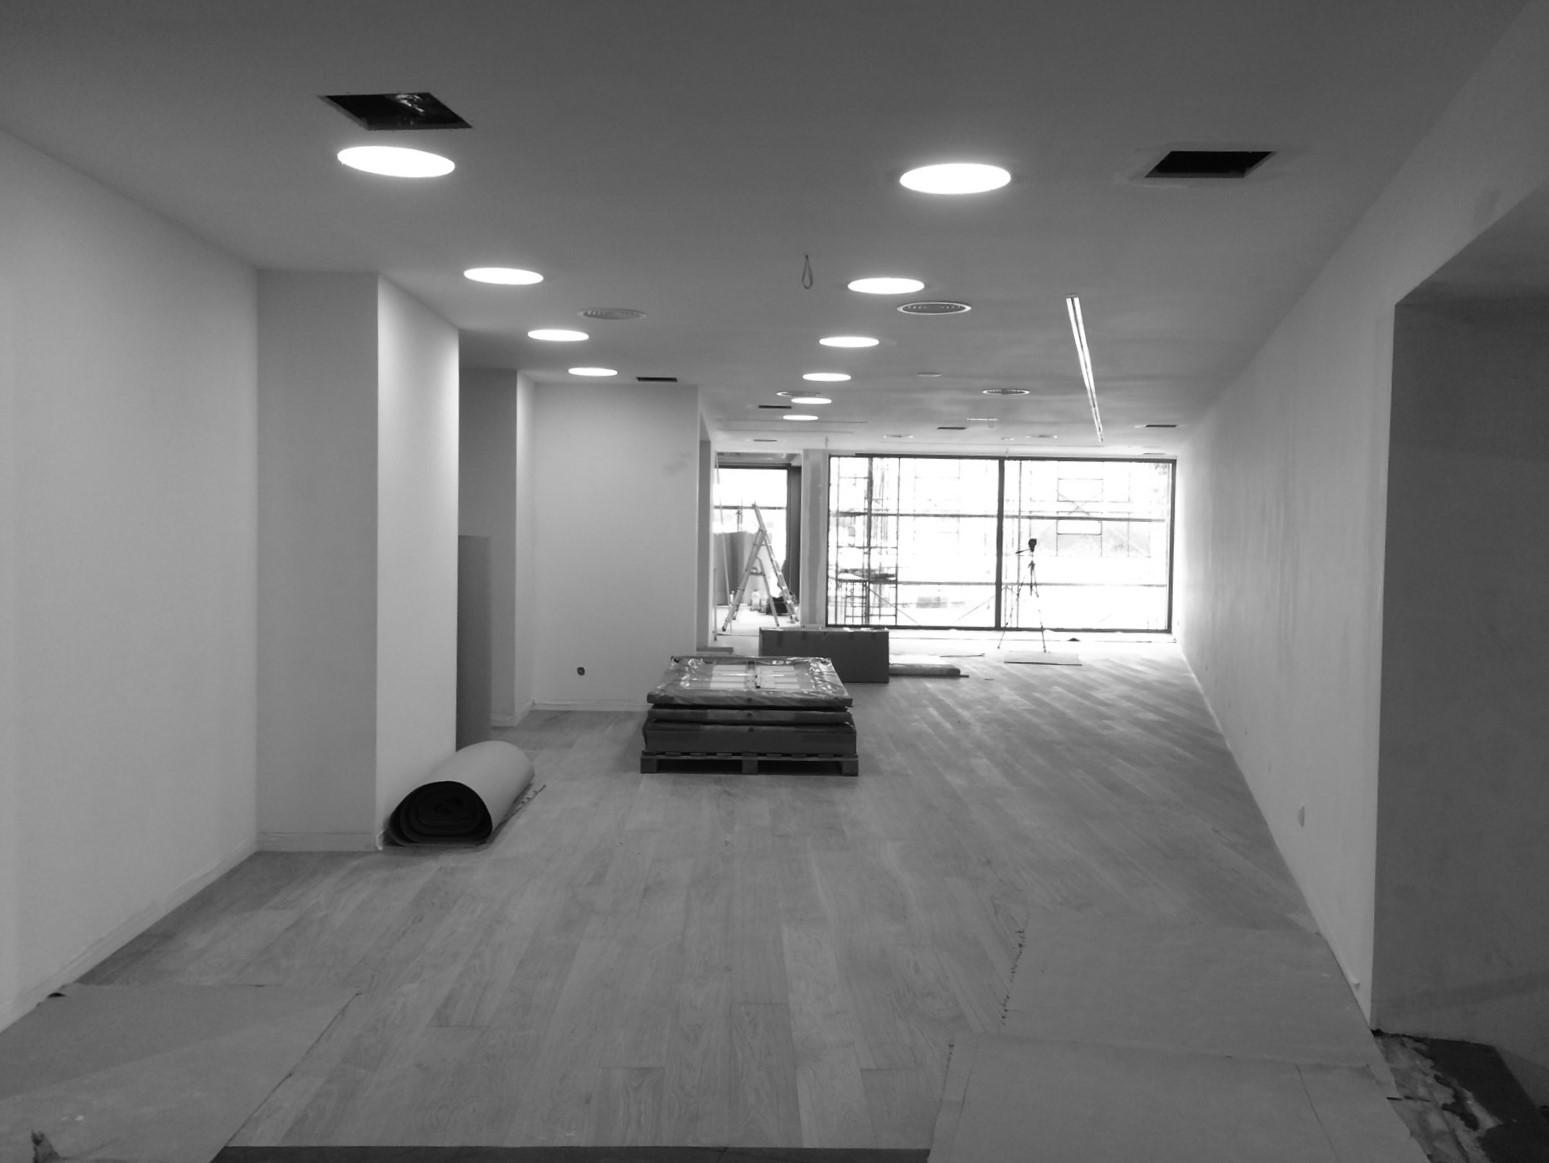 Antero Motos - Construção - Stand - Oficina - BMW - Yamaha - EVA evolutionary architecture - Arquitectos Porto (9).jpg